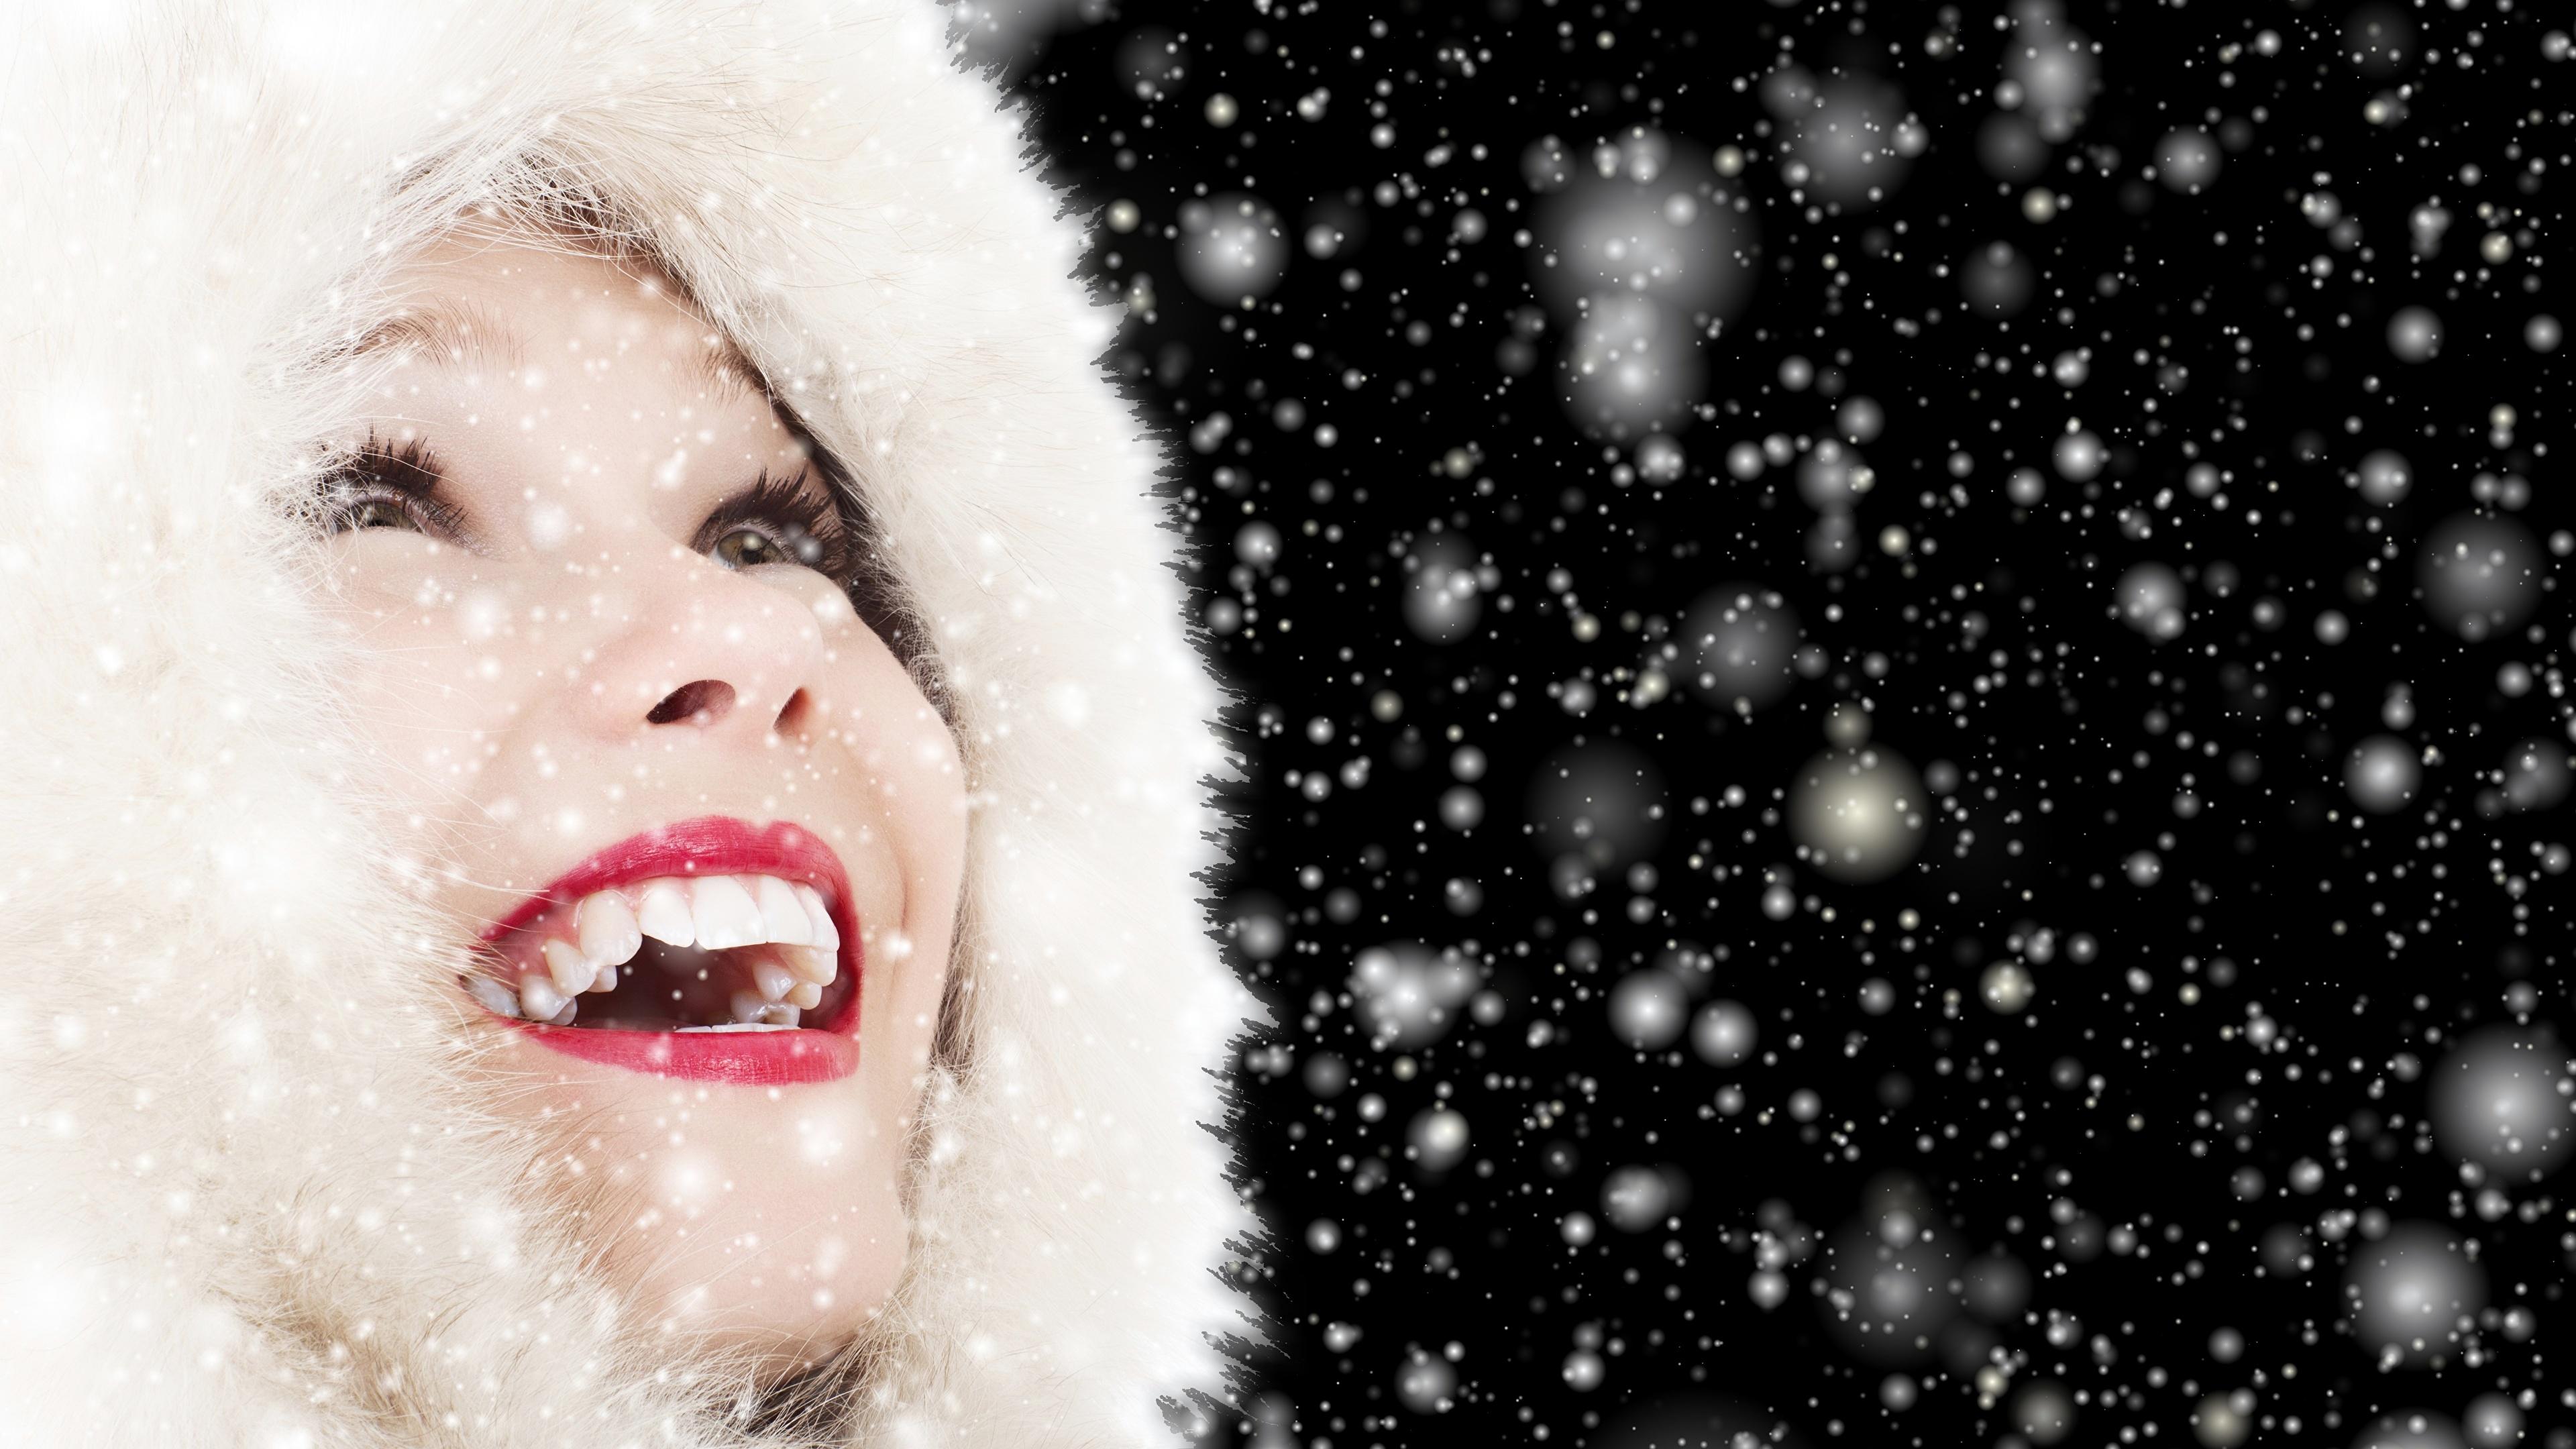 Фотография счастливые Девушки Снежинки Зубы Губы Капюшон Красные губы 3840x2160 Радость счастье